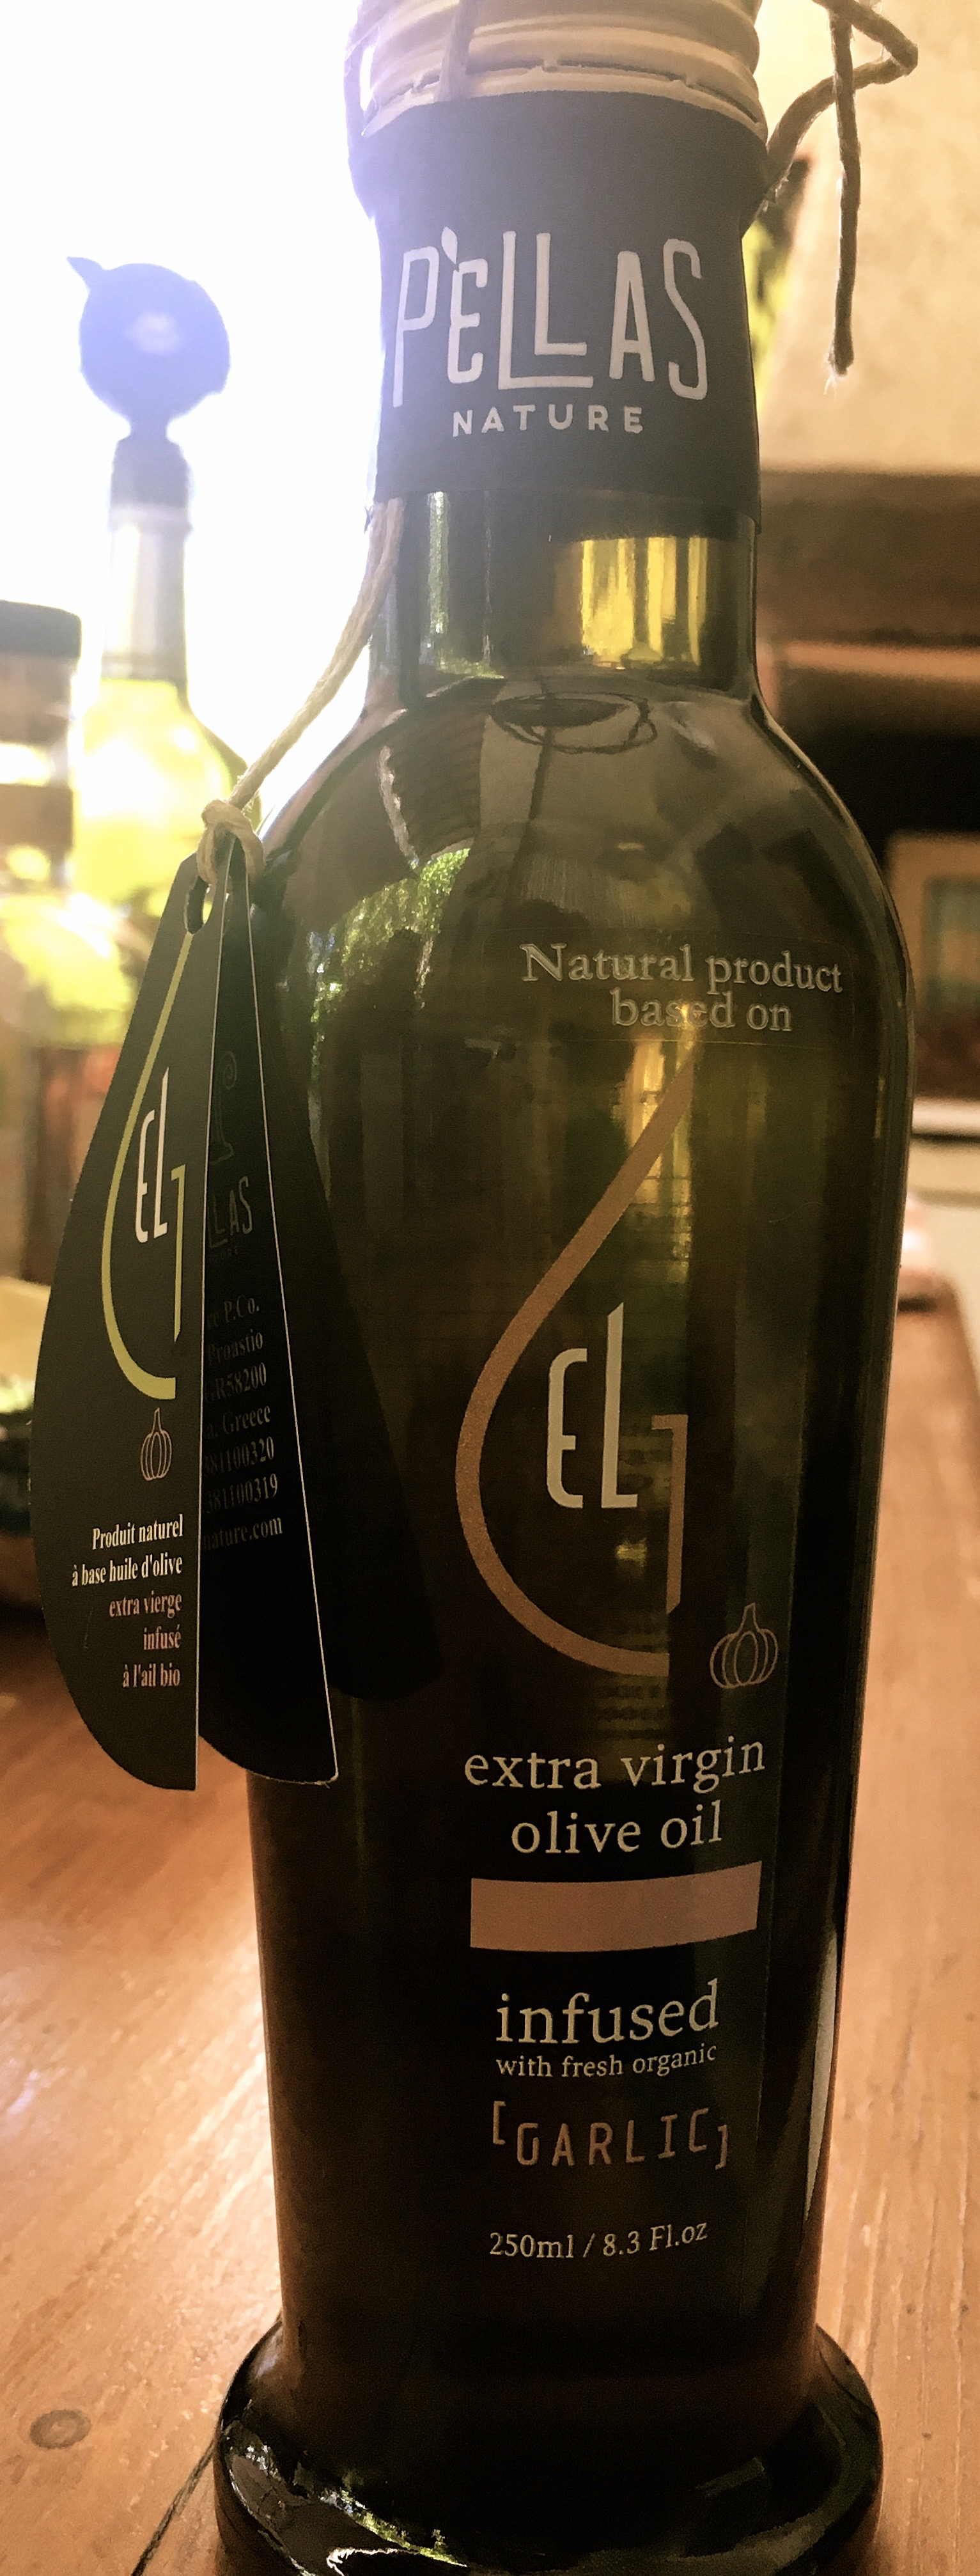 À la découverte de l'huile d'olive infusée à l'ai de la marque Pellas Nature !